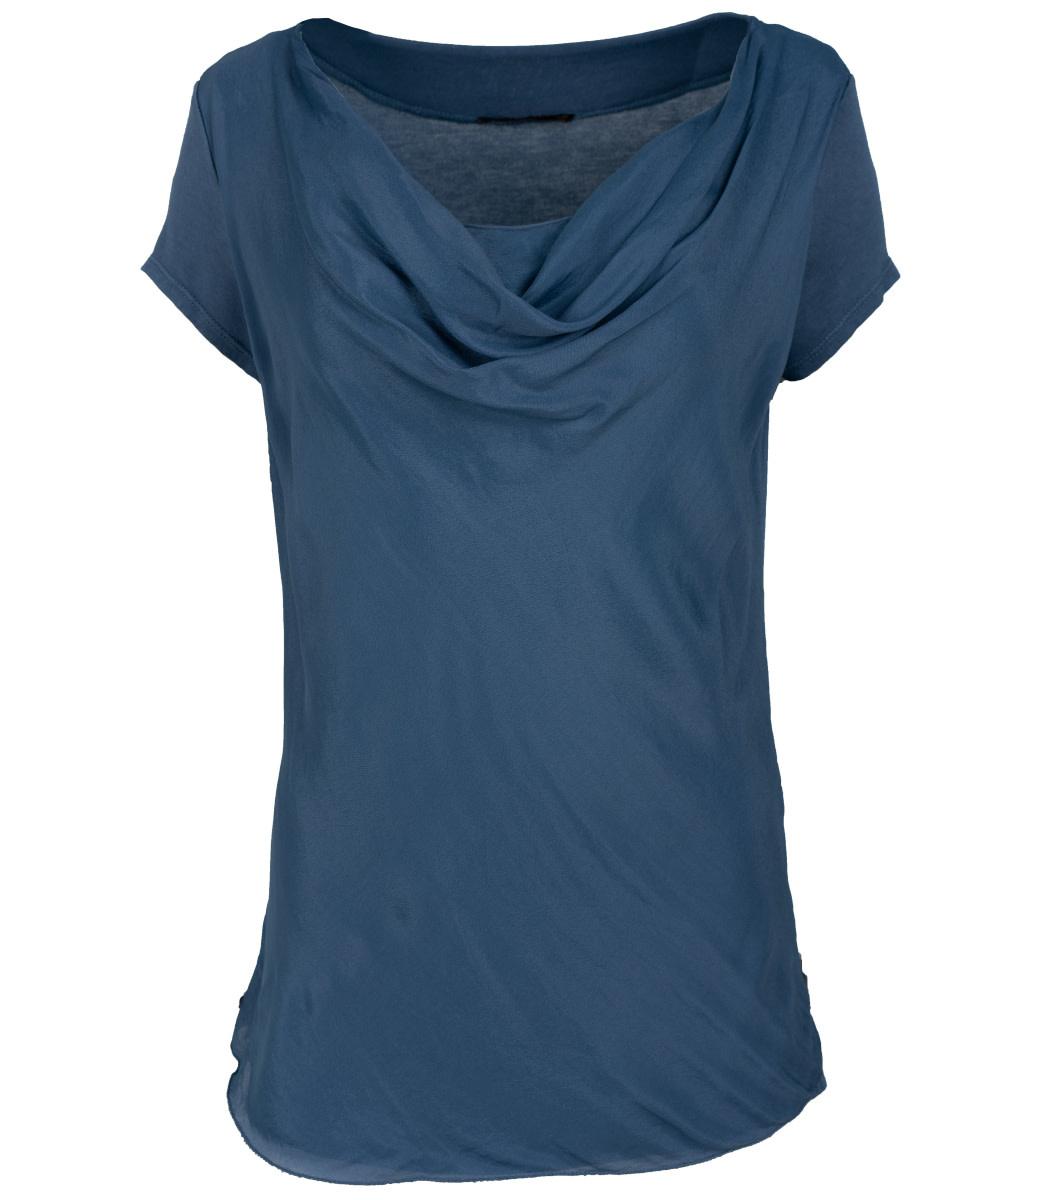 Gemma Ricceri Shirt jeansblauw Waterfall Loes